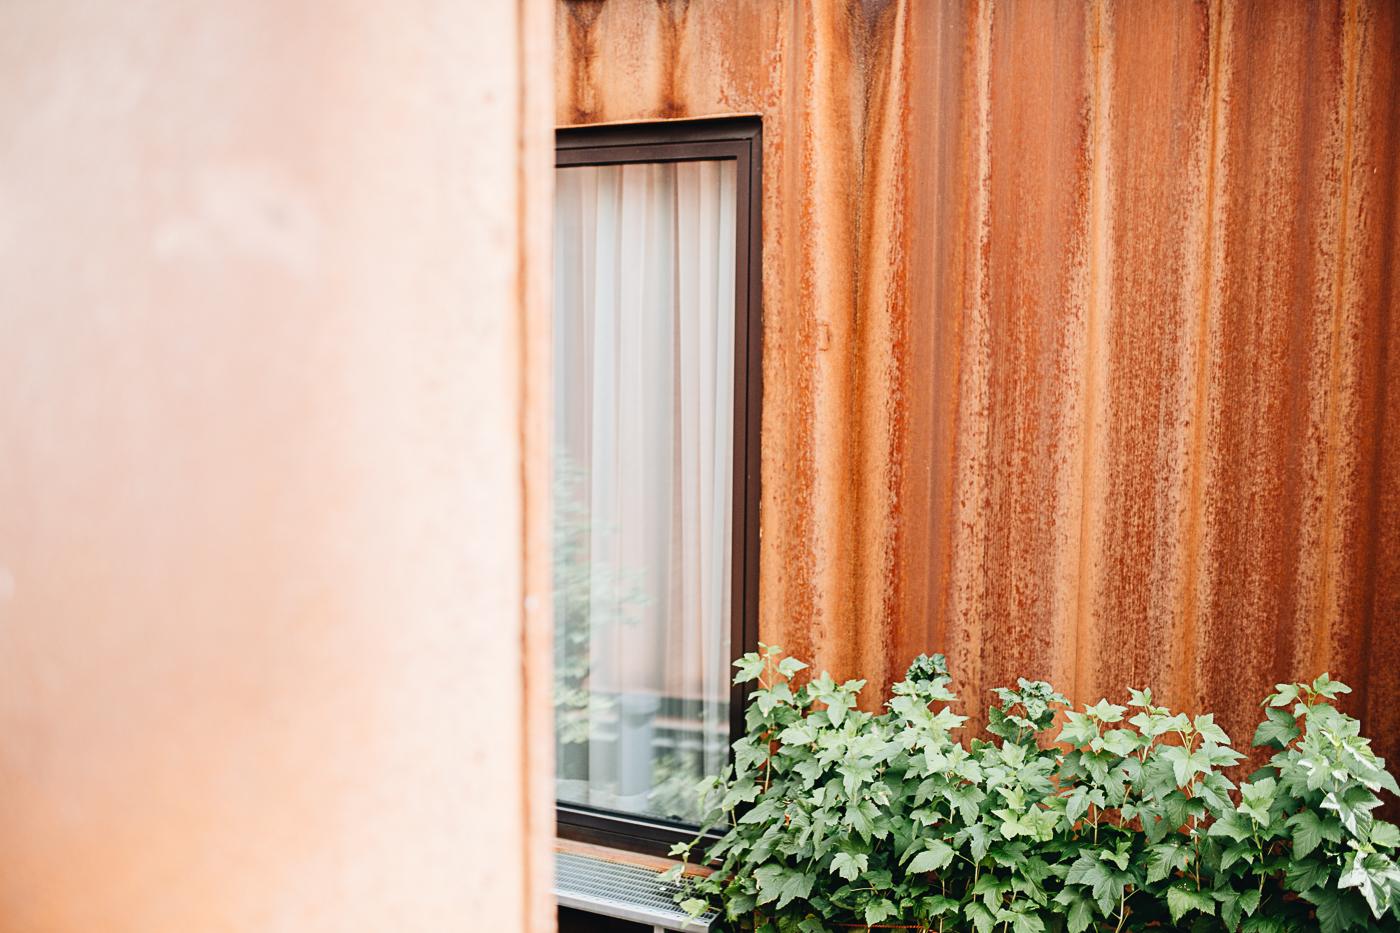 Sunny side up! Aufwachen in der grünen Oase des Boutique Hotel i31